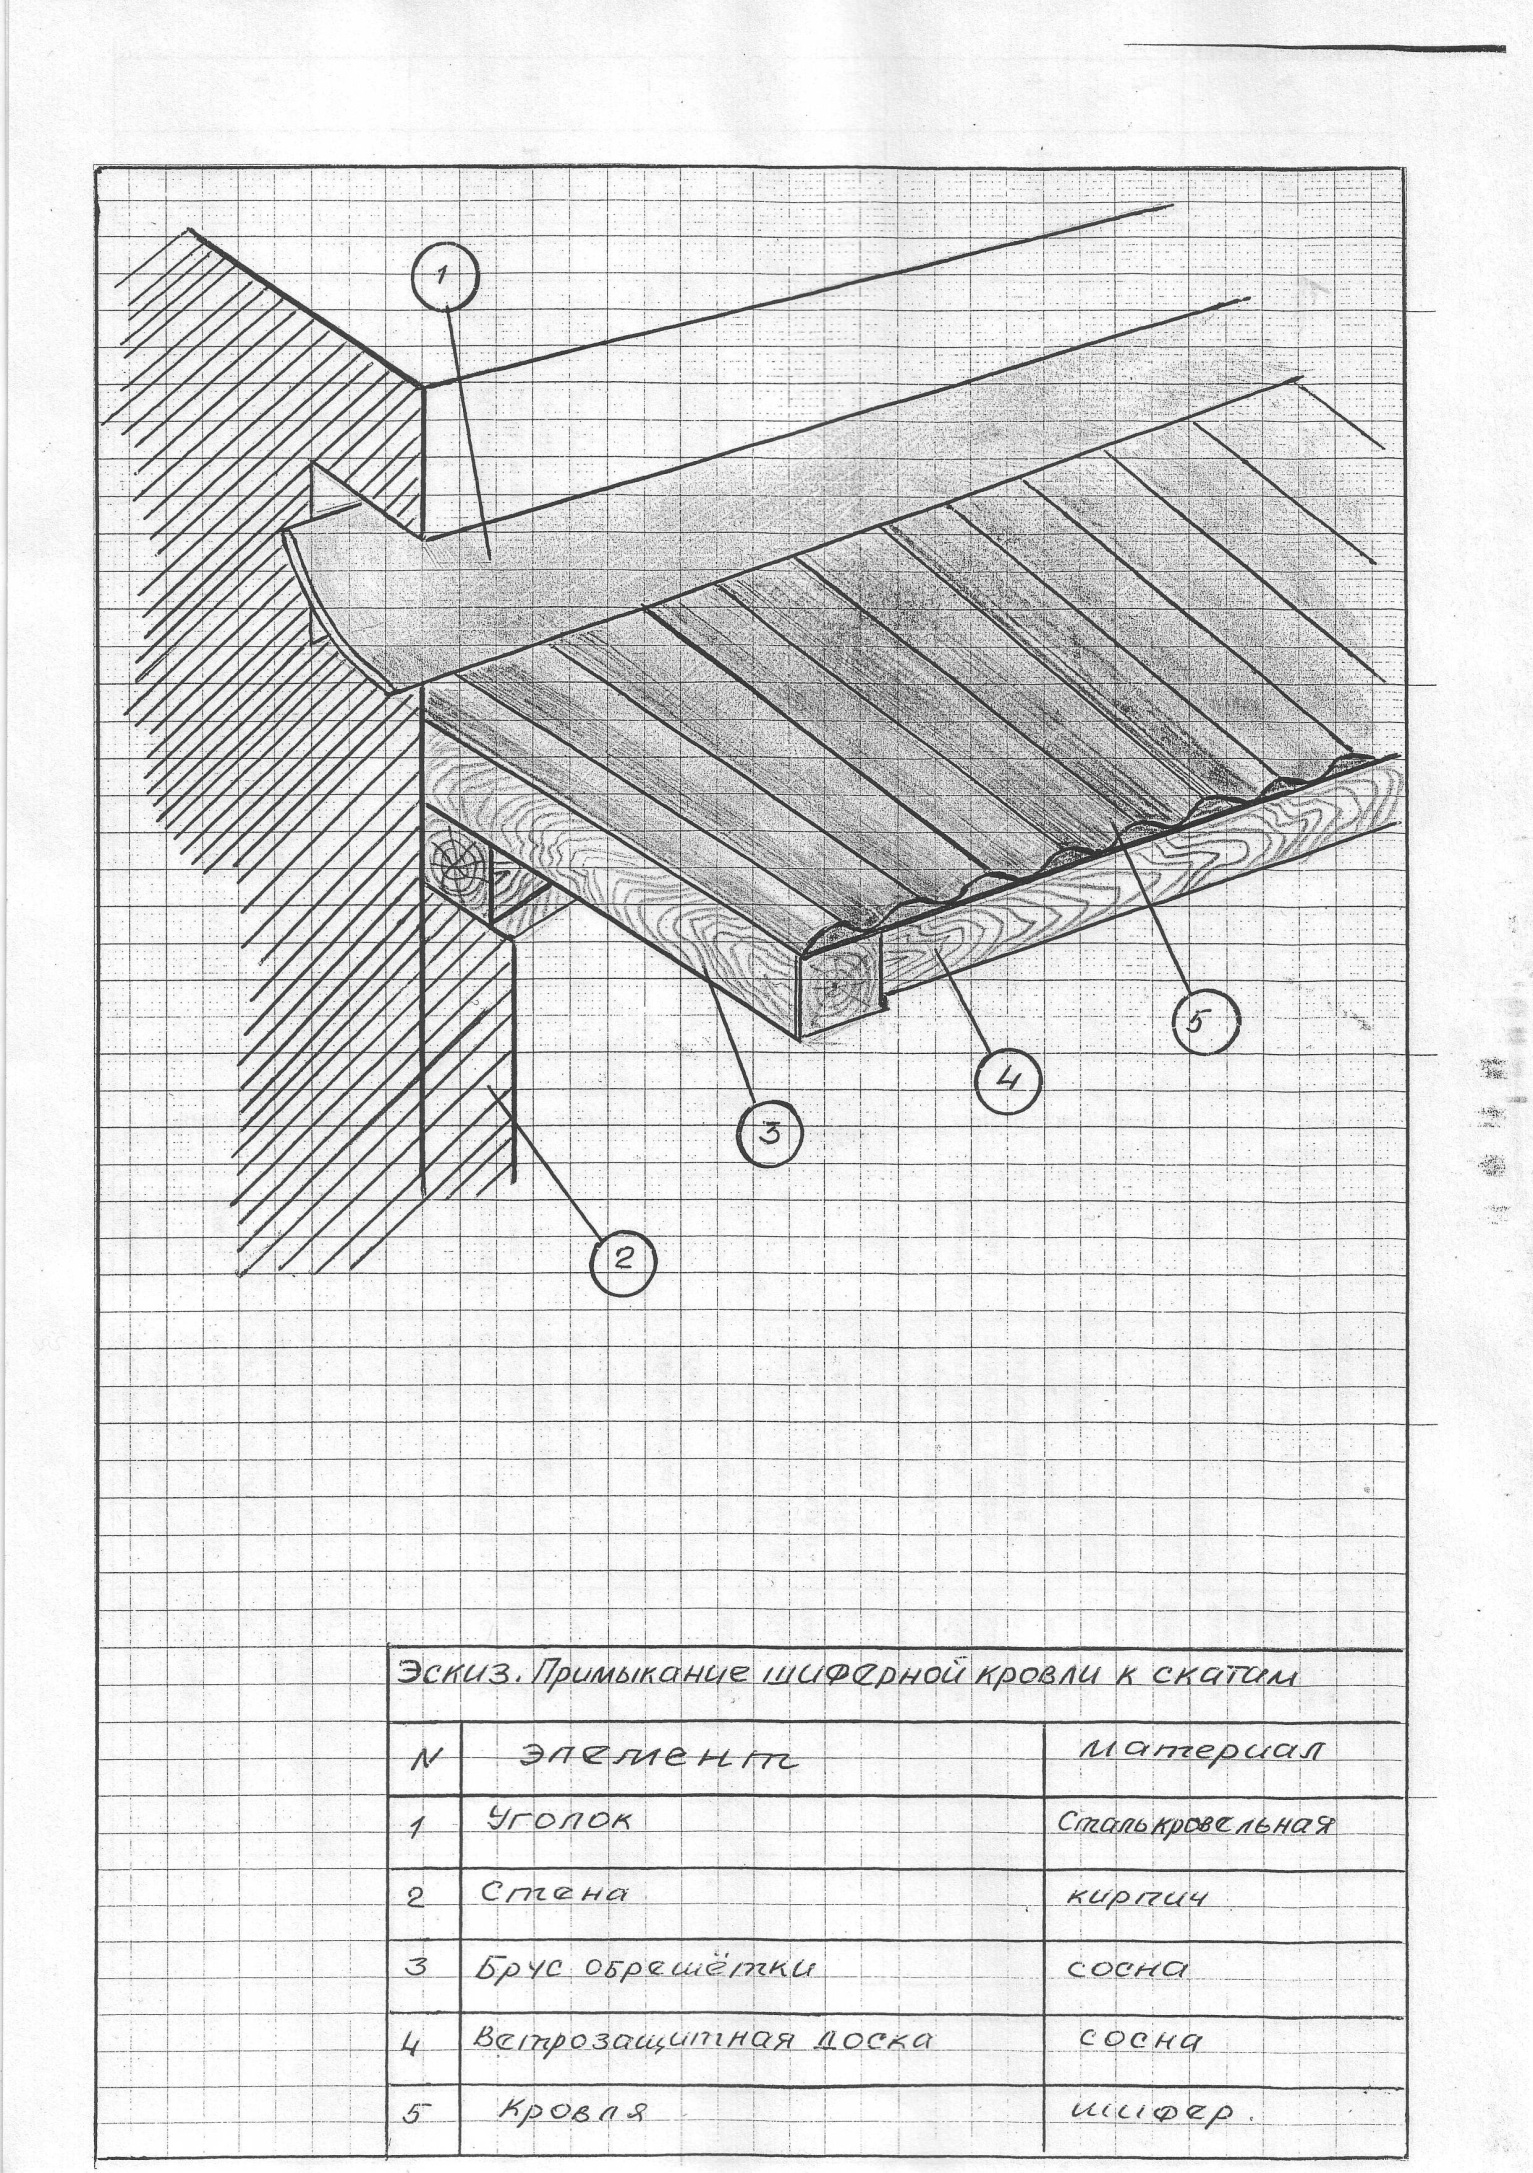 F:\изделия и эскизы\10- 12 класс\Эскизы\Image0007.JPG